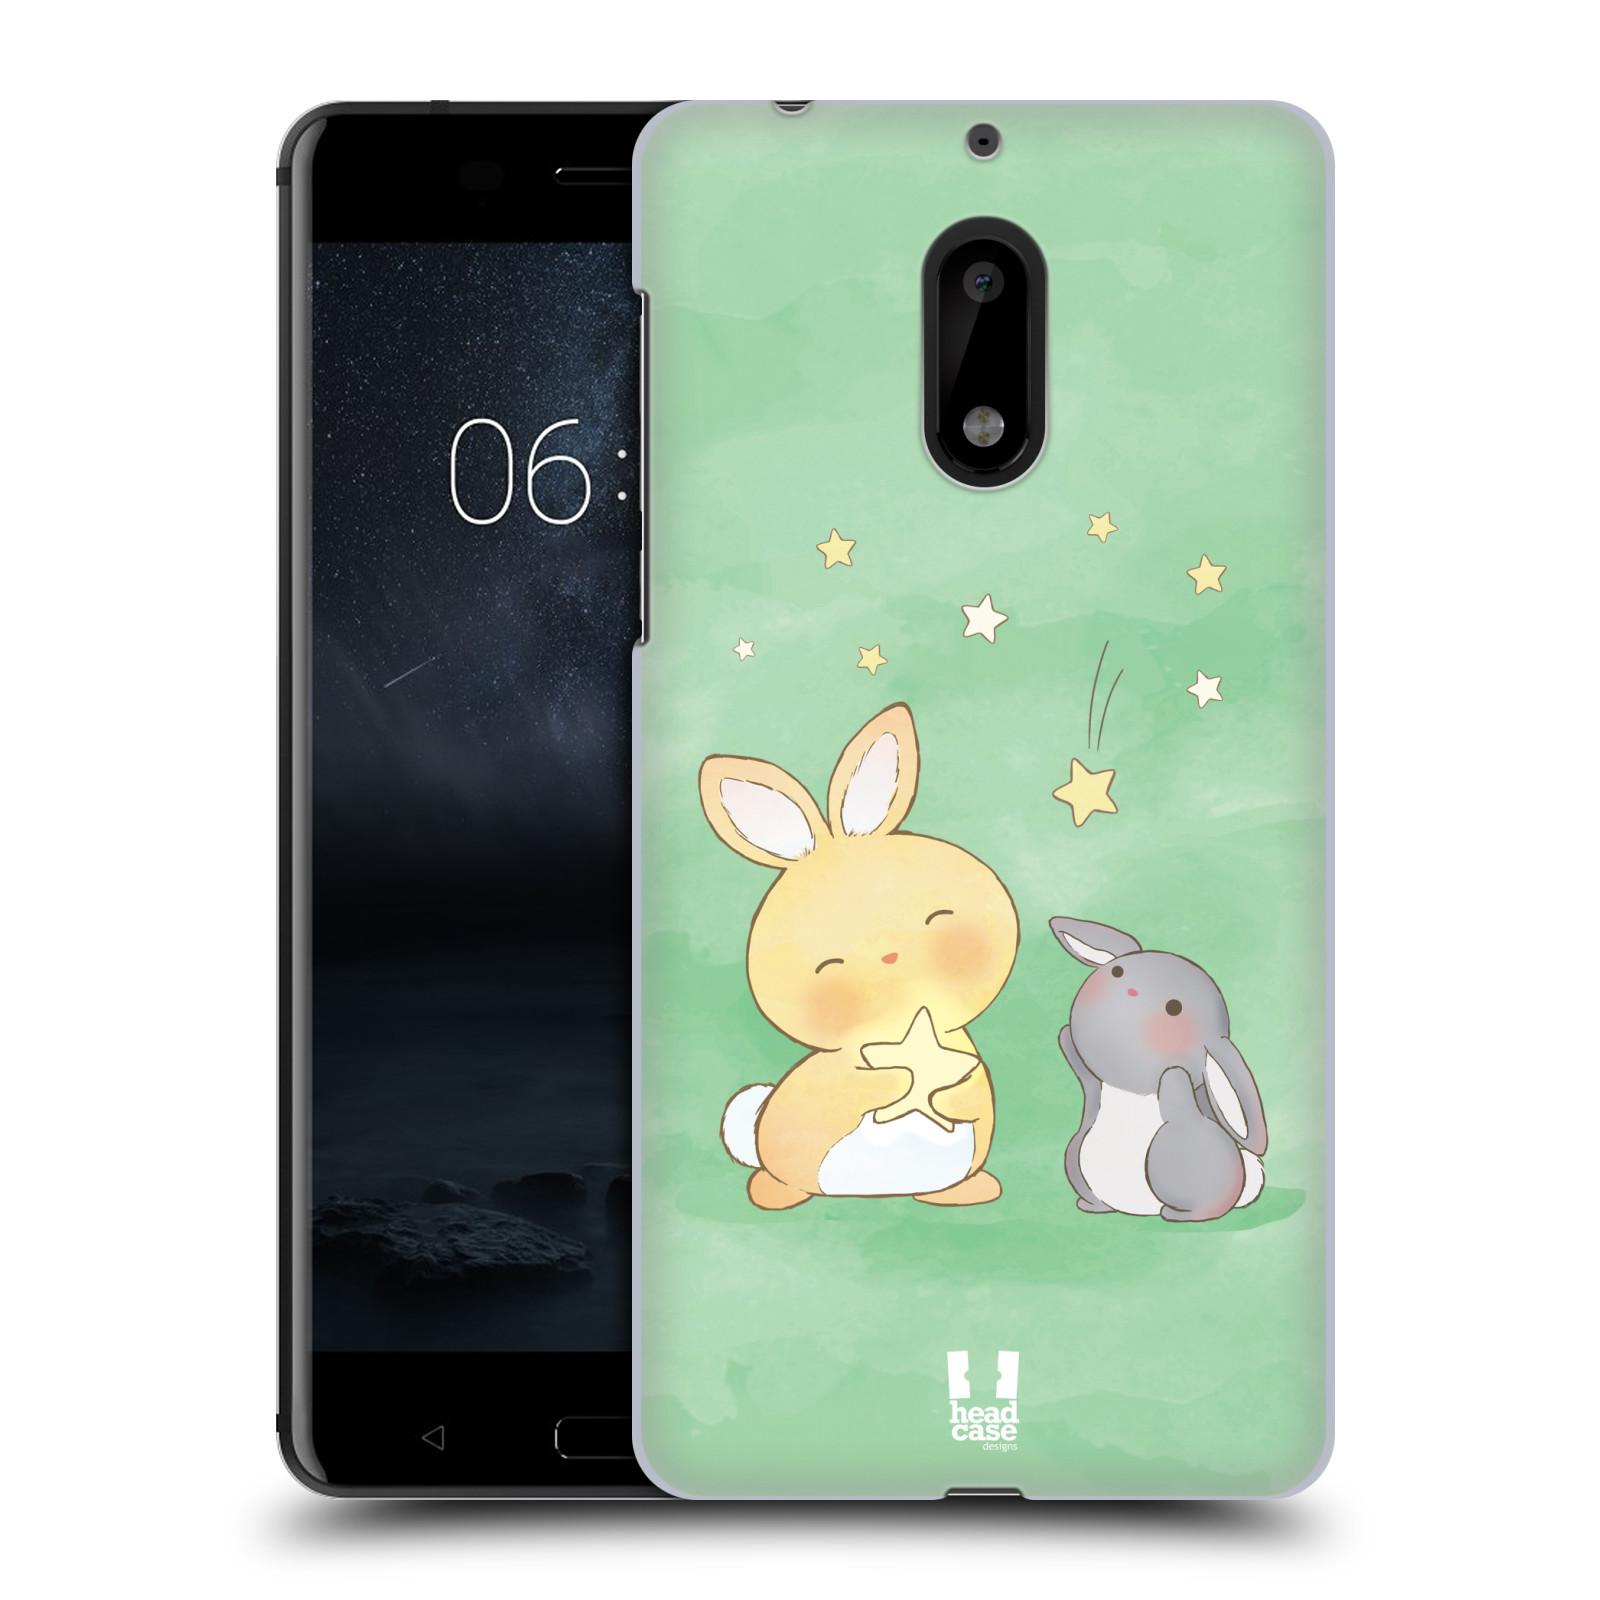 HEAD CASE plastový obal na mobil Nokia 6 vzor králíček a hvězdy zelená